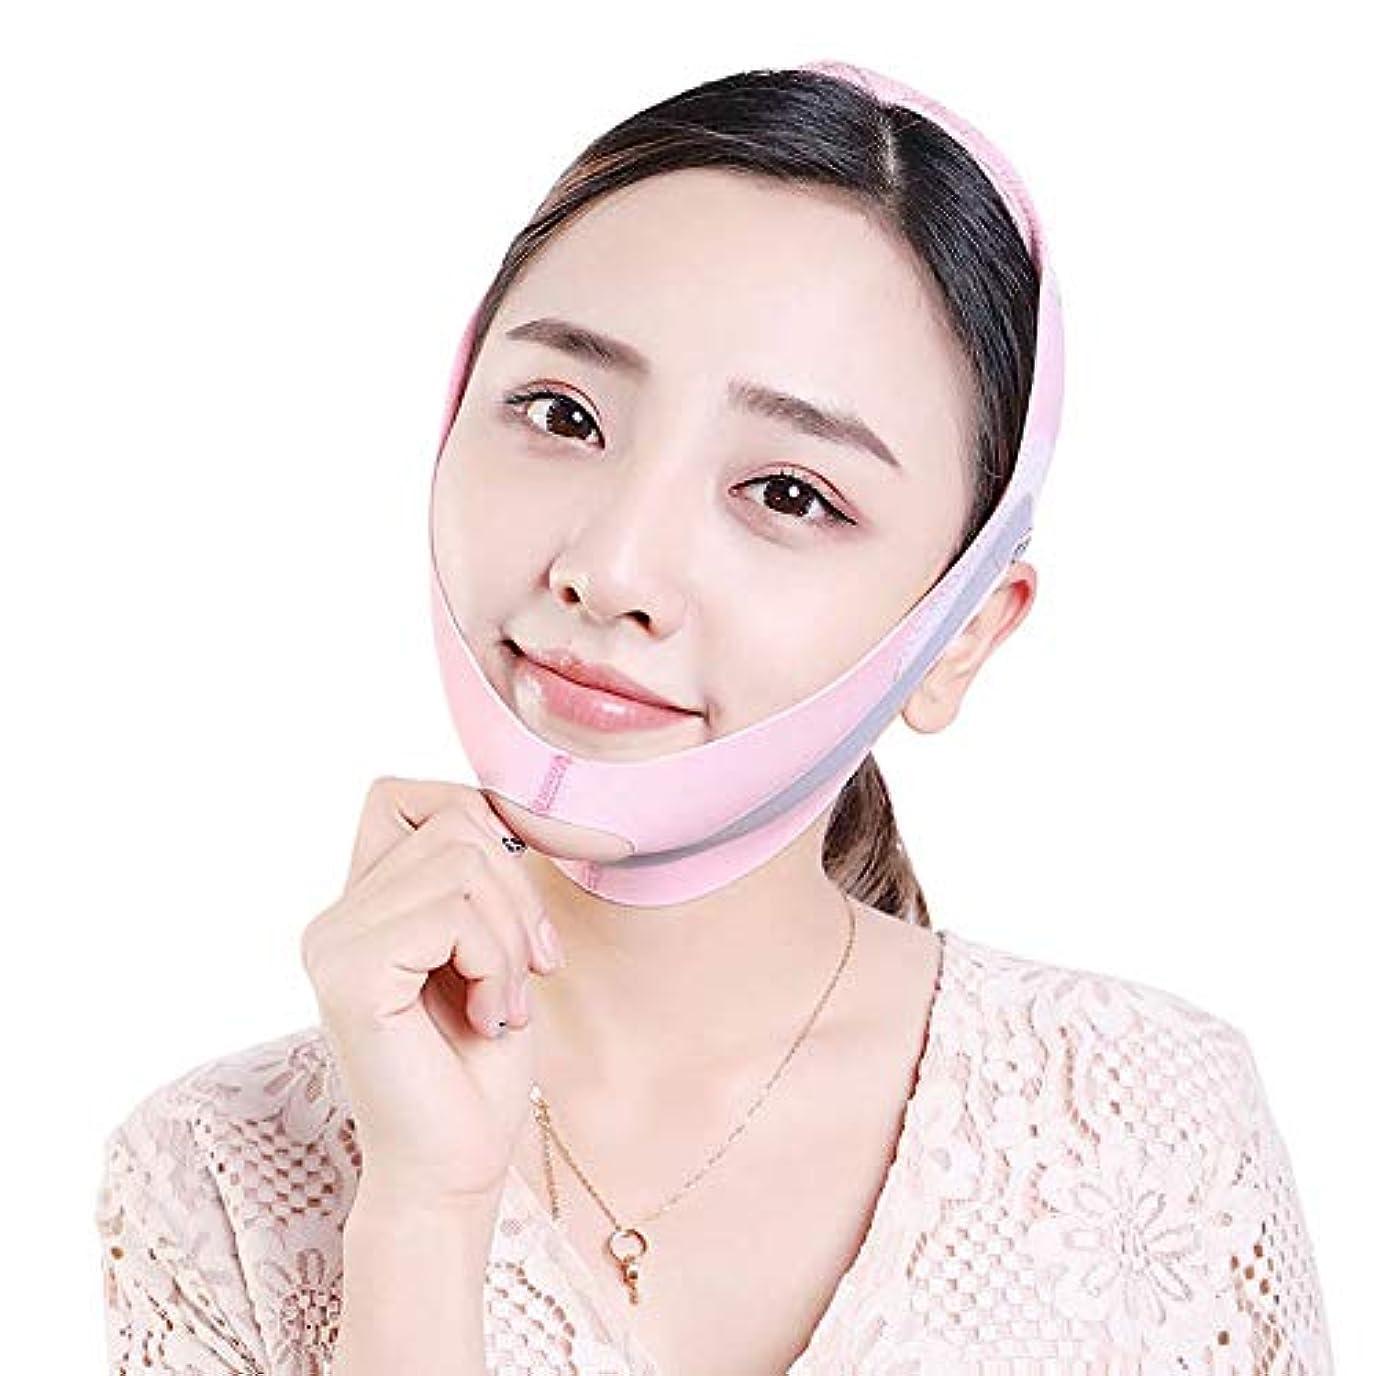 眠りの中で学校教育Jia Jia- たるみを防ぐために顔を持ち上げるために筋肉を引き締めるために二重あごのステッカーとラインを削除するために、顔を持ち上げるアーティファクト包帯があります - ピンク 顔面包帯